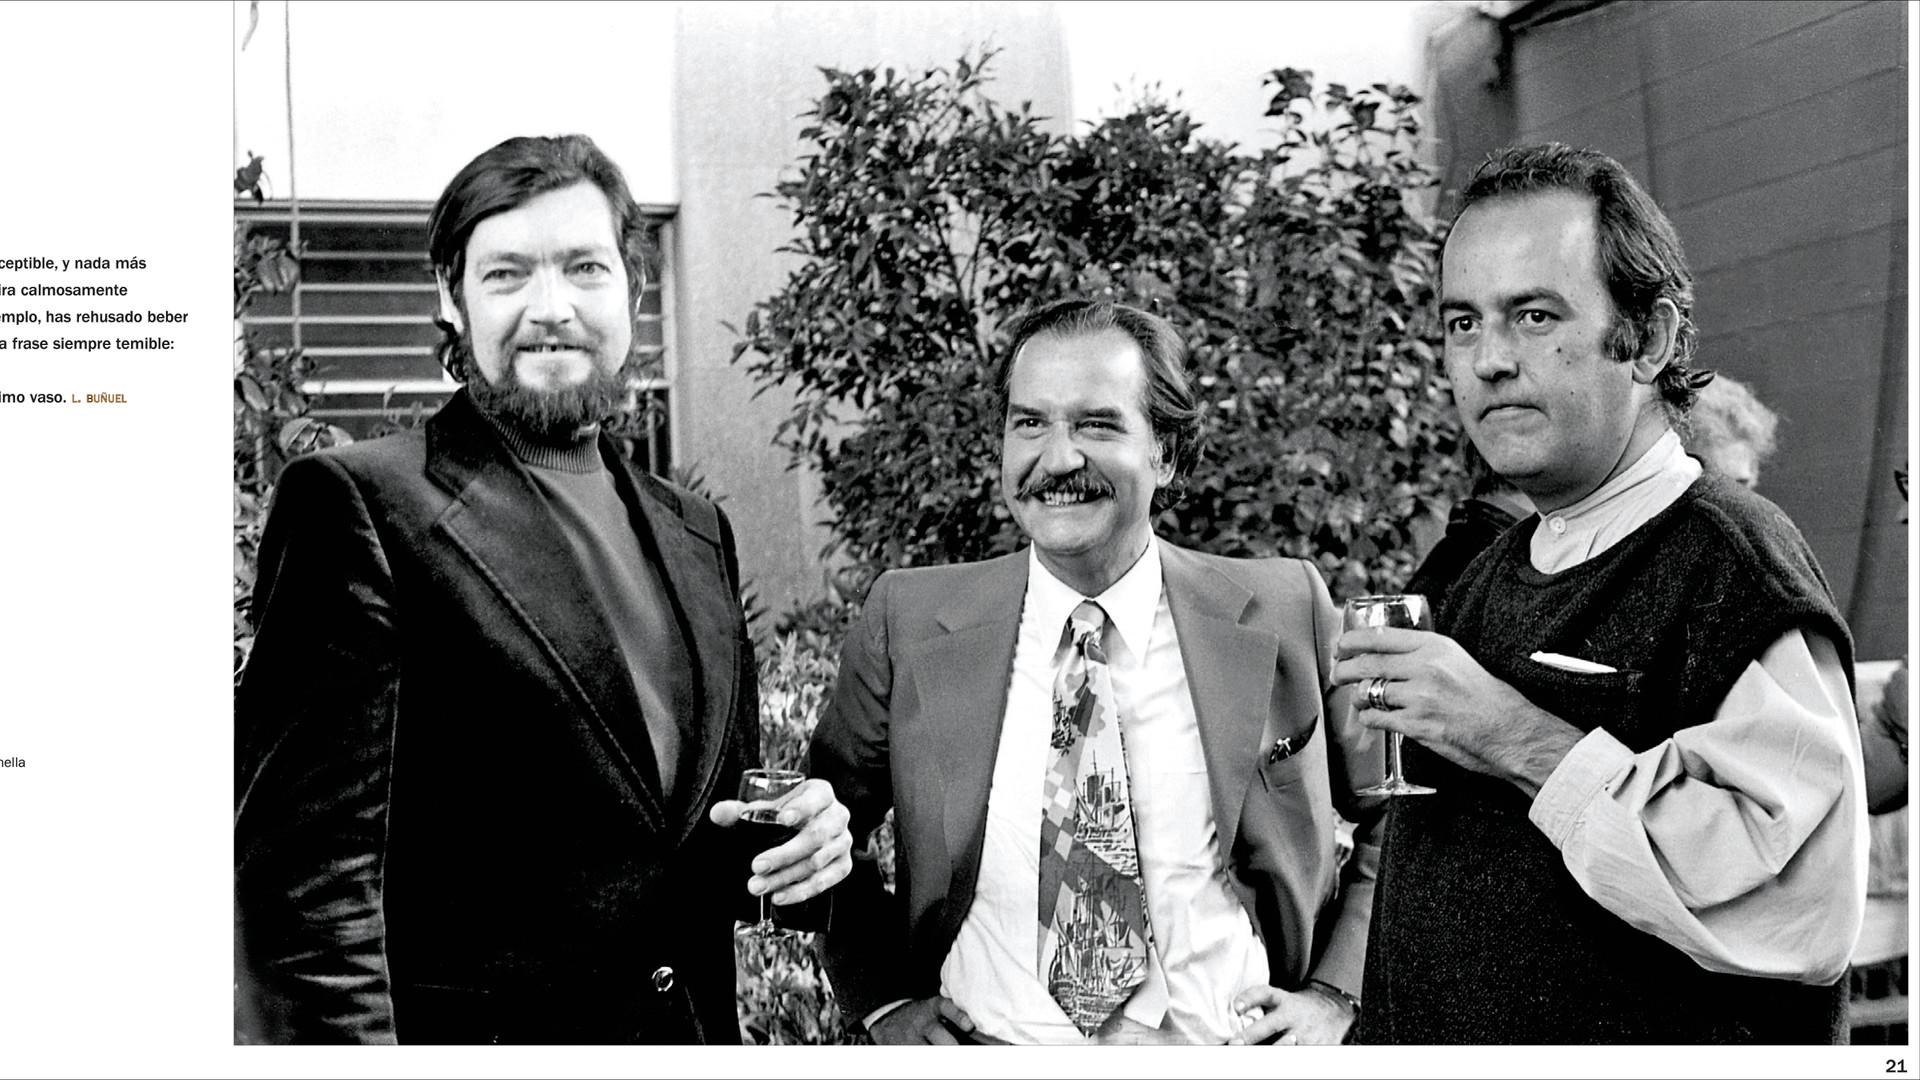 Un momento increíble en el que coincidieron Carlos Fuentes, Julio Cortázar, García Márquez y muchos más